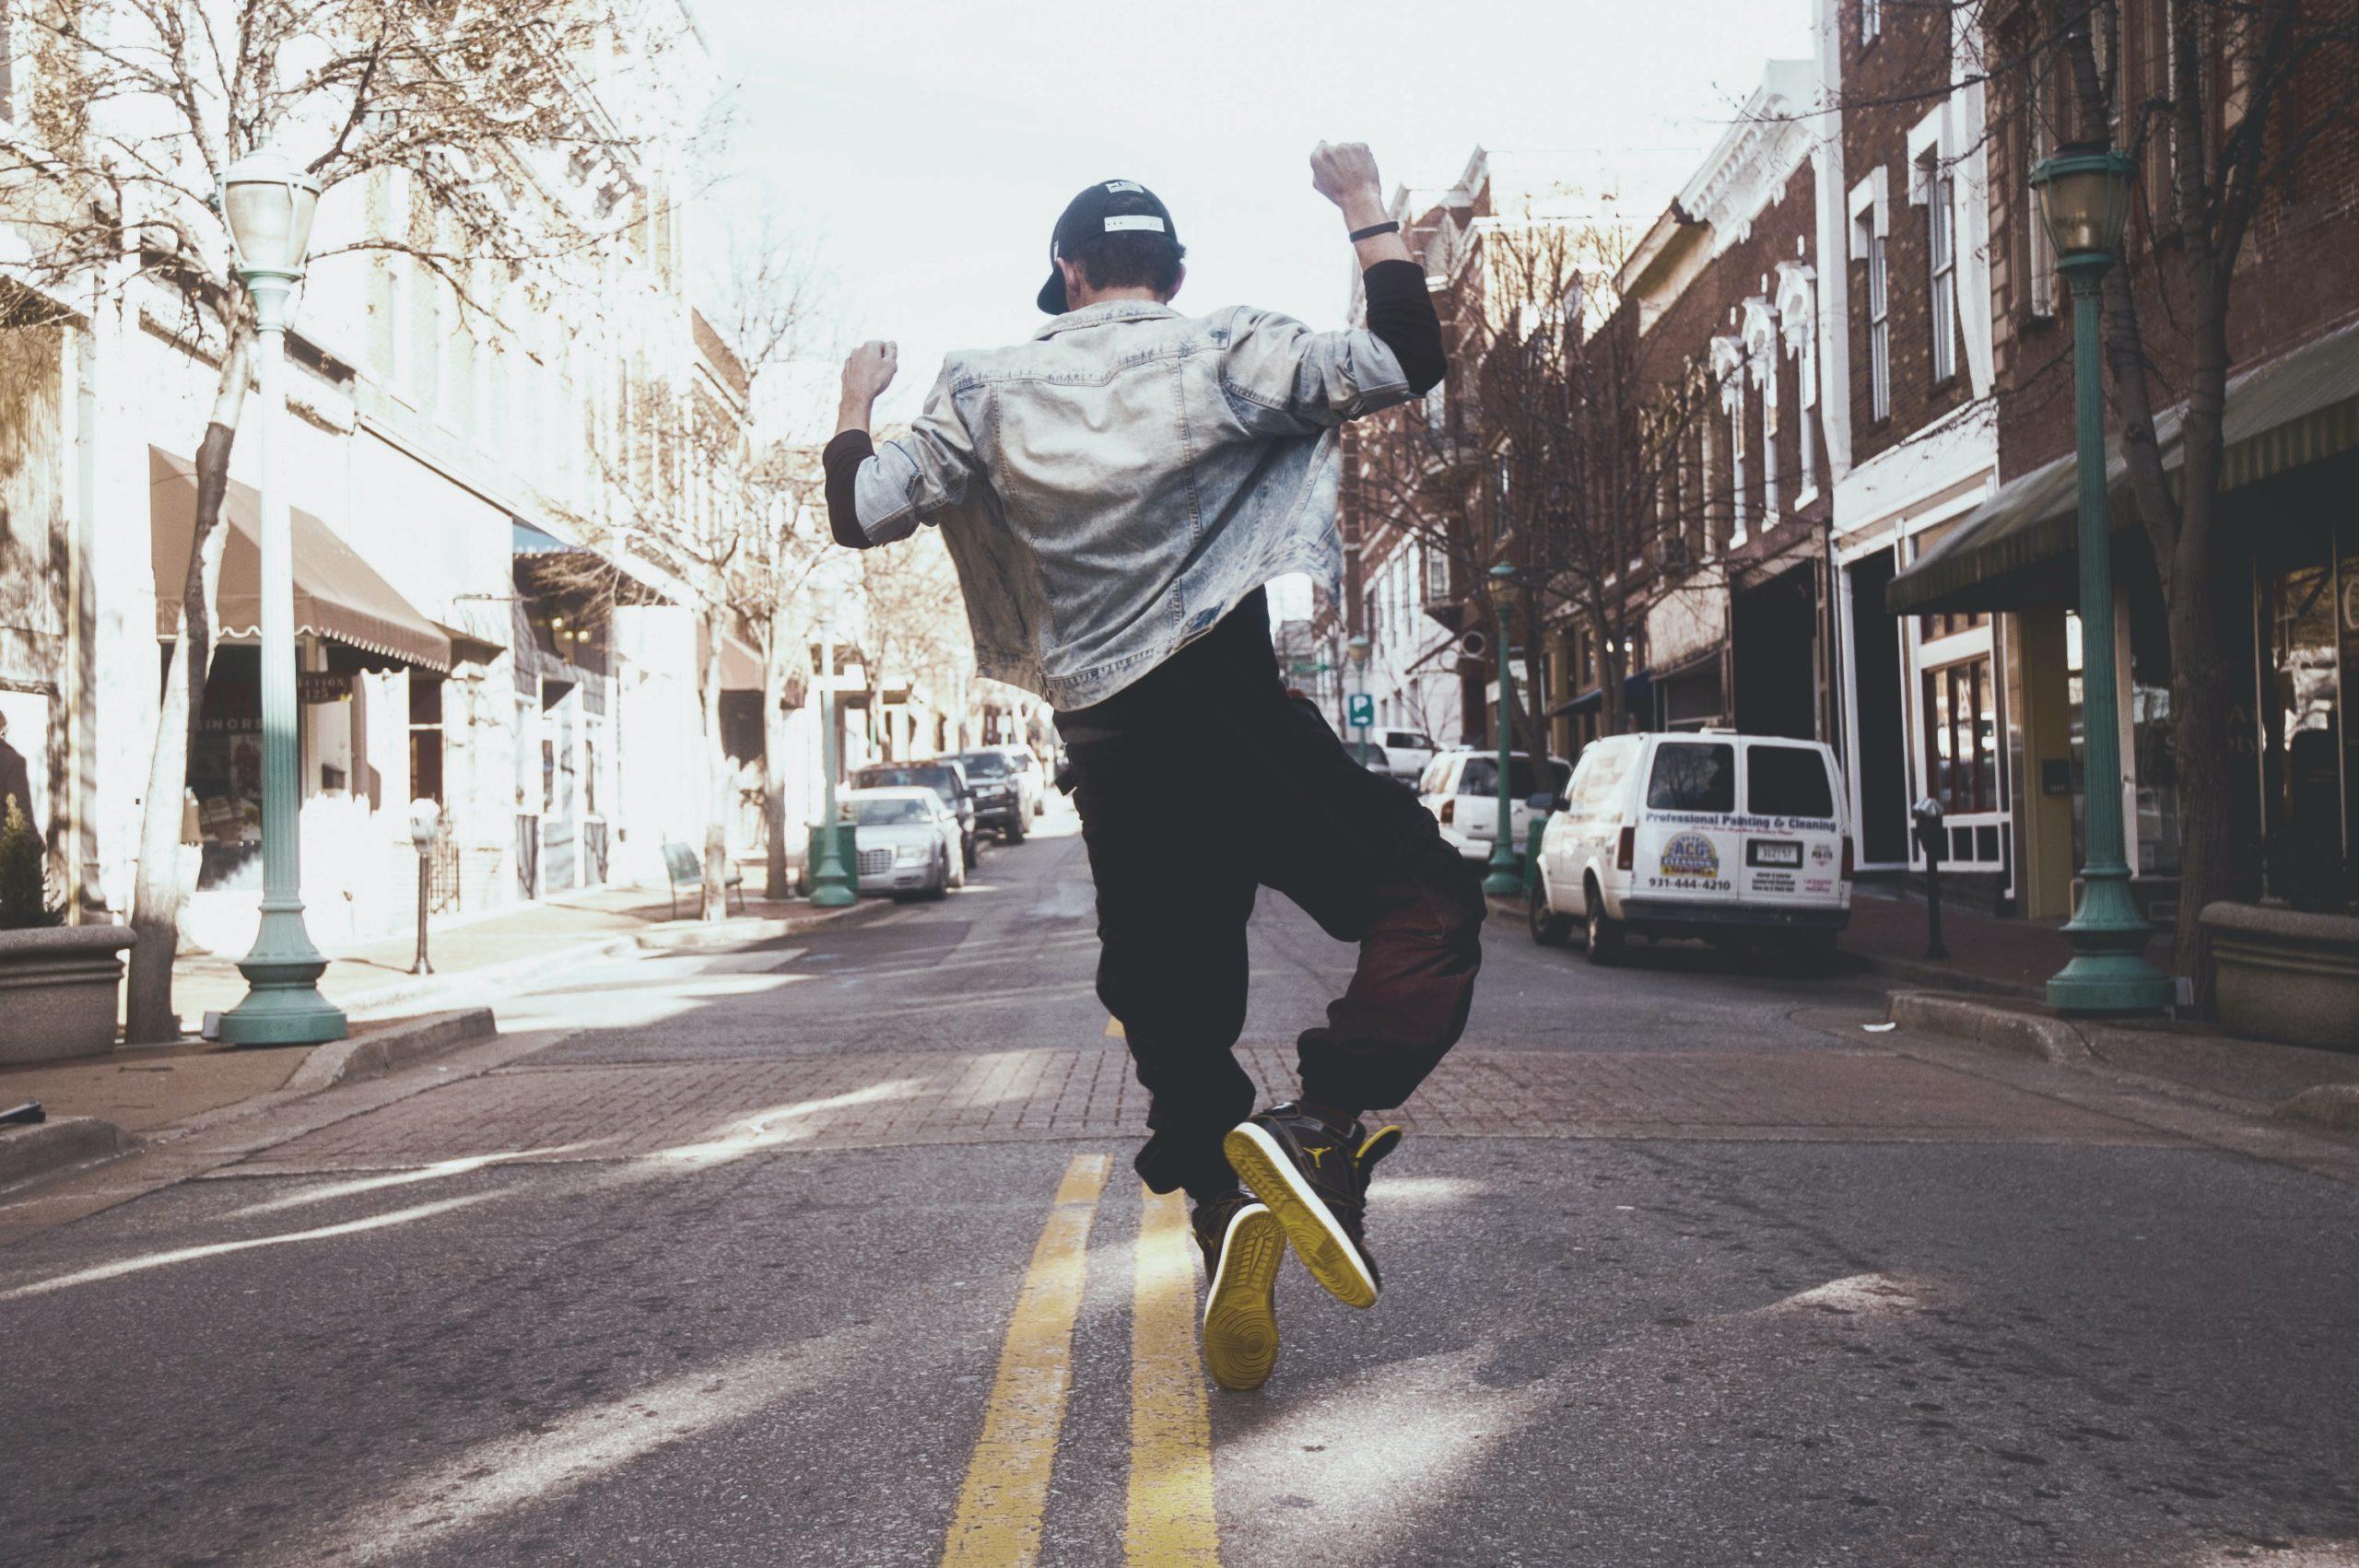 Trotz Corona: Ein junger Mann auf einer Straße ist von hinten zu sehen. Er springt freudig in die Luft.